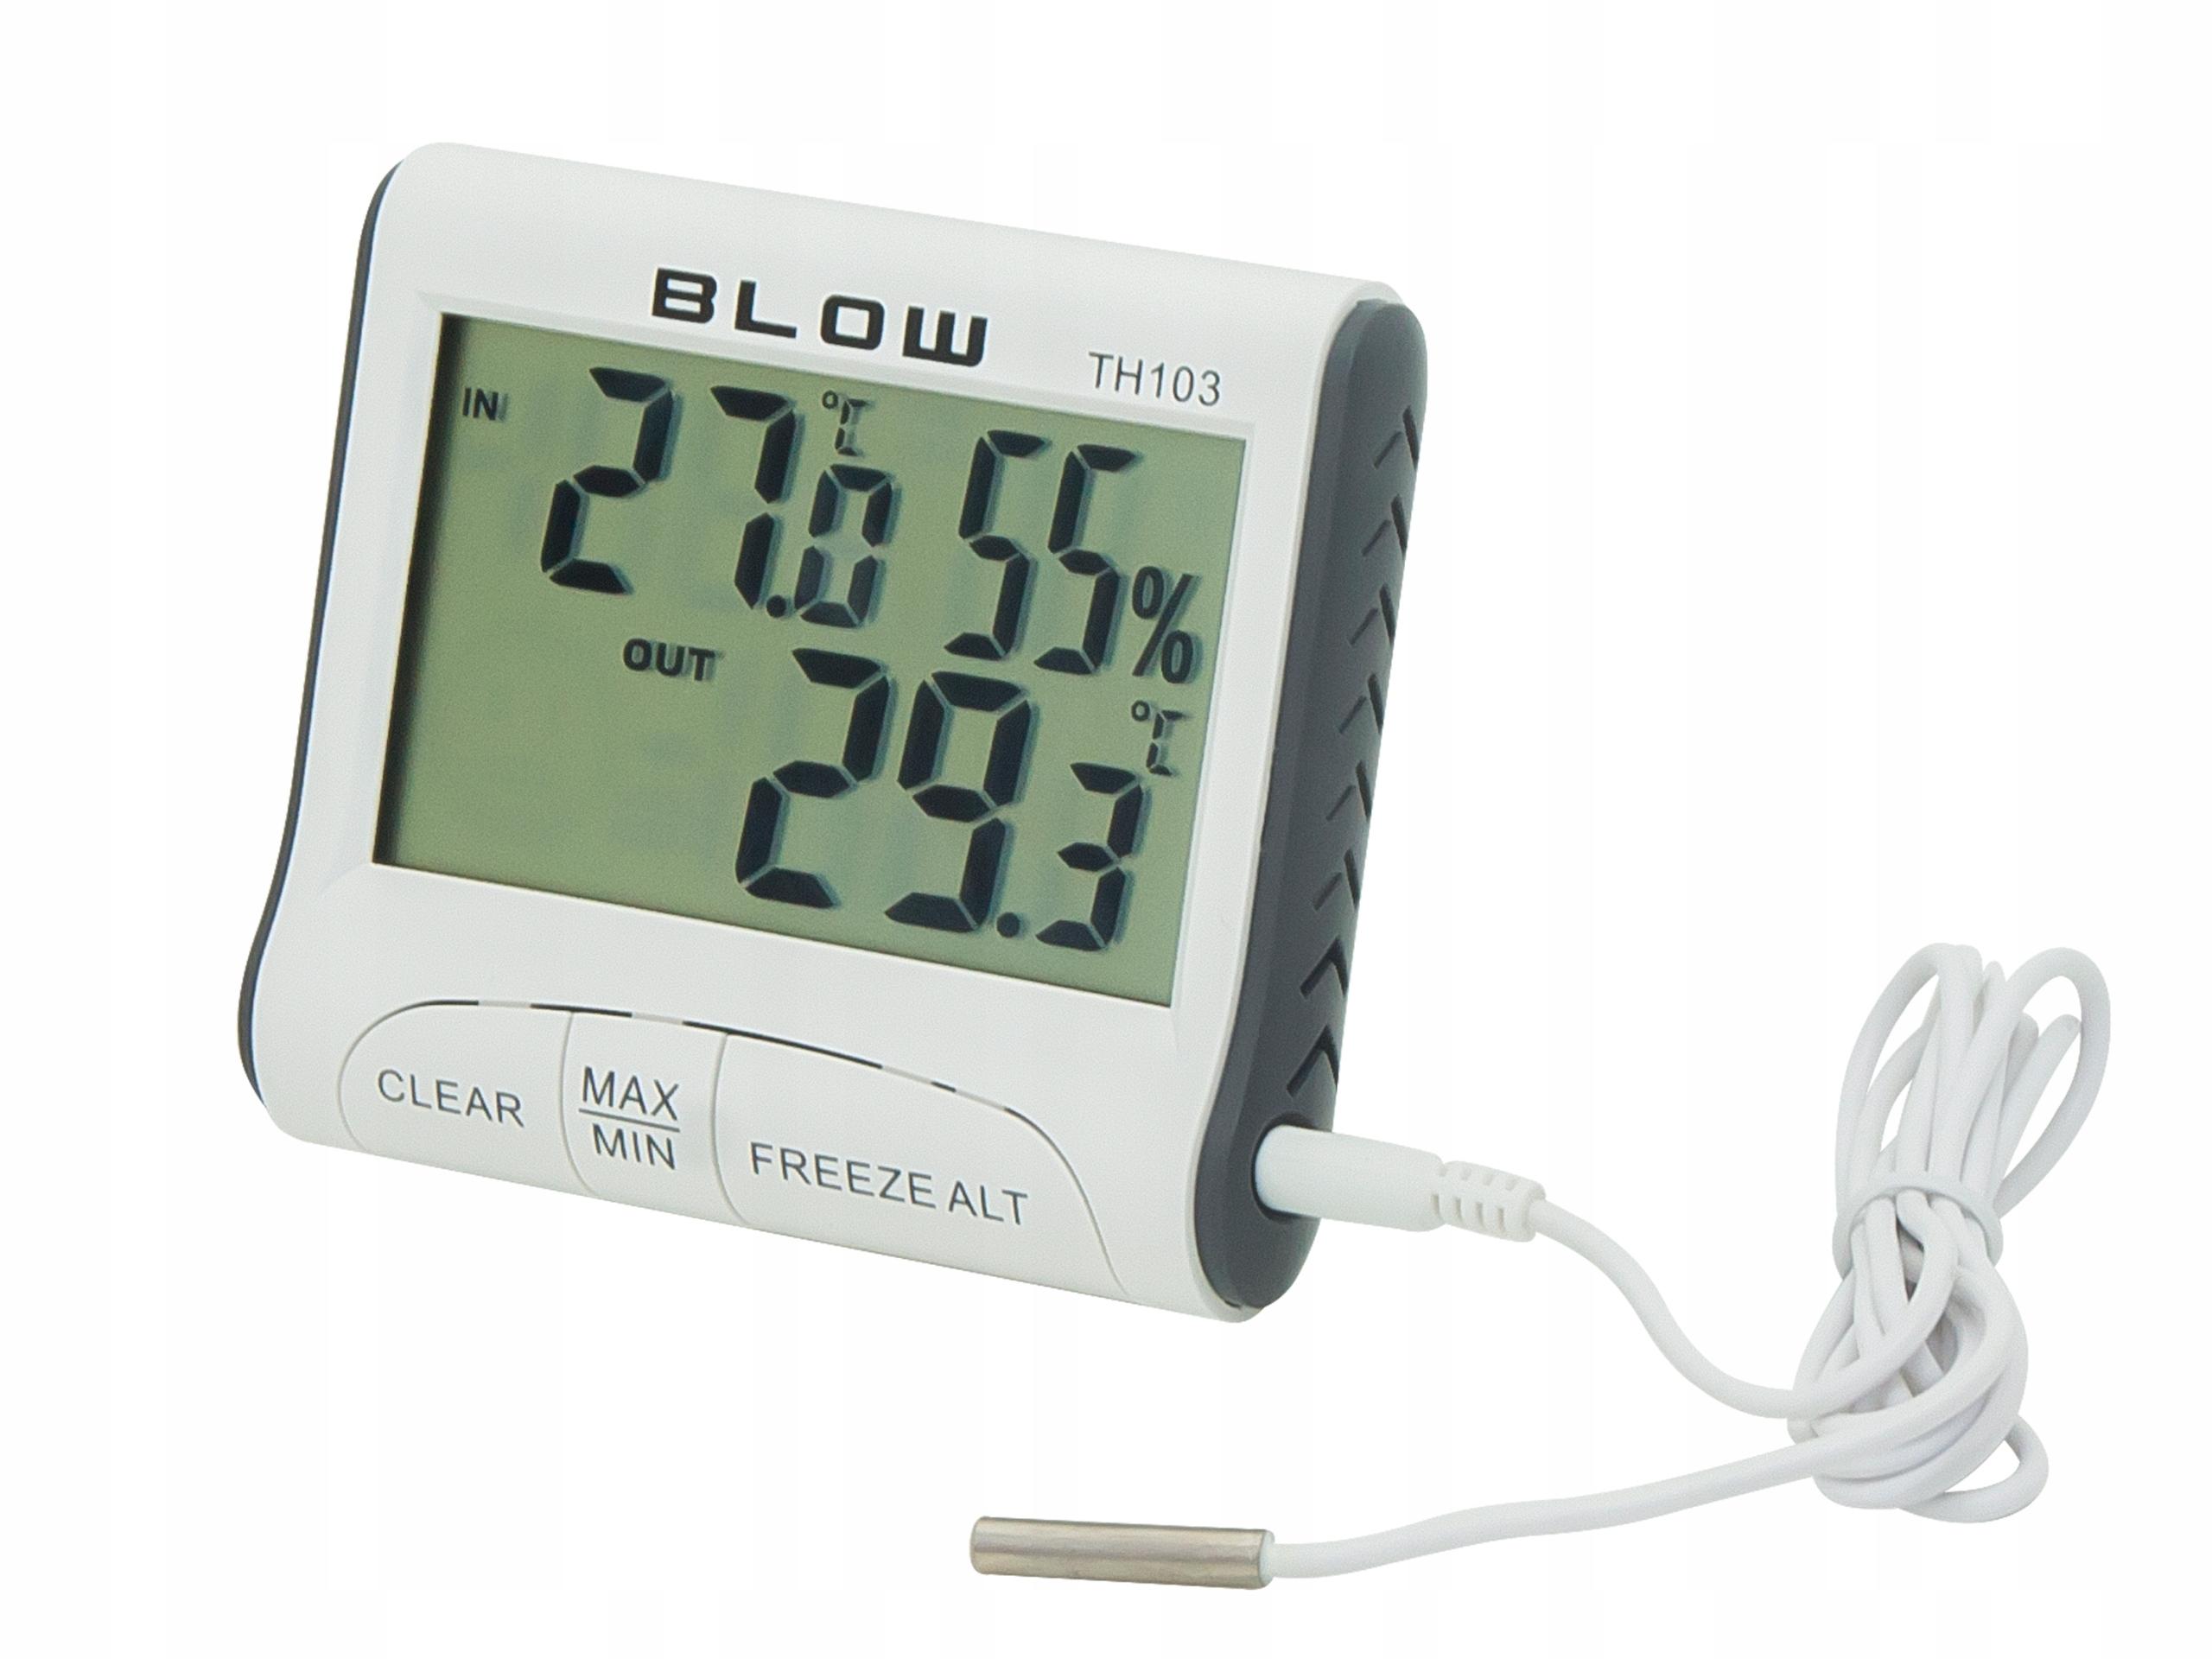 Termometr z higrometrem BLOW wewnętrzny zewnętrzny